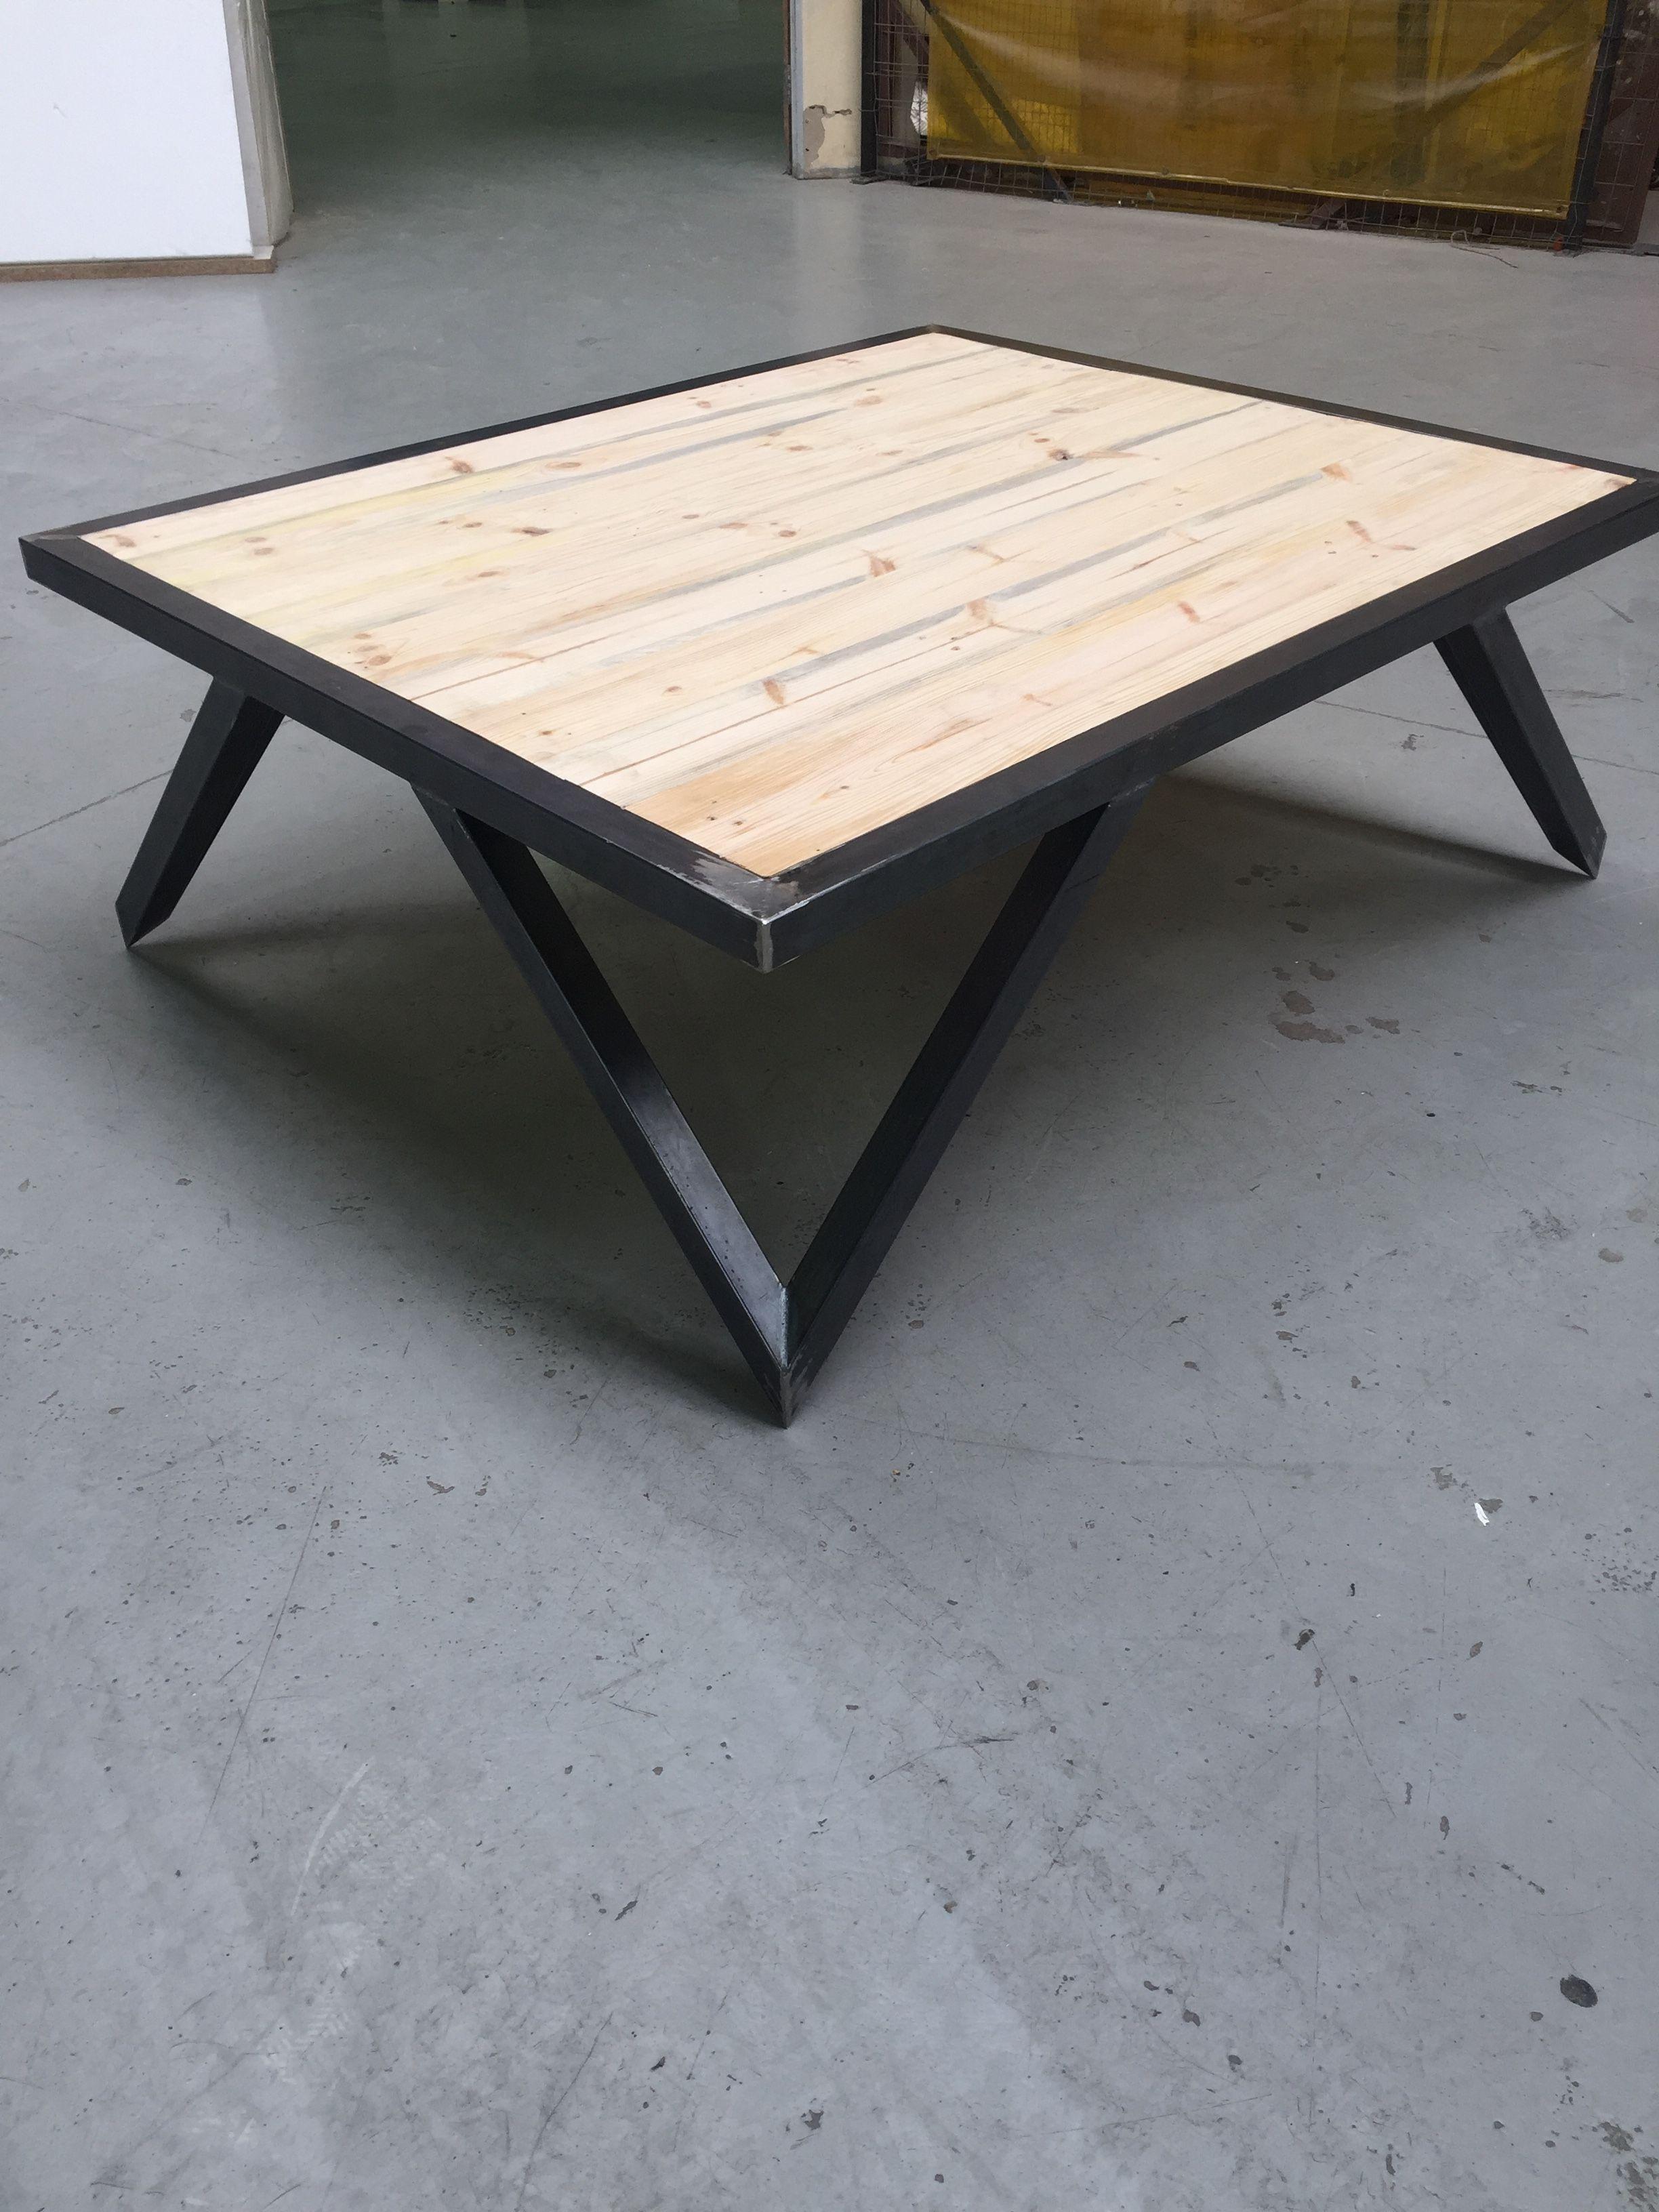 Coffee Table Resin Furniture Metal Furniture Coffee Table [ 3264 x 2448 Pixel ]